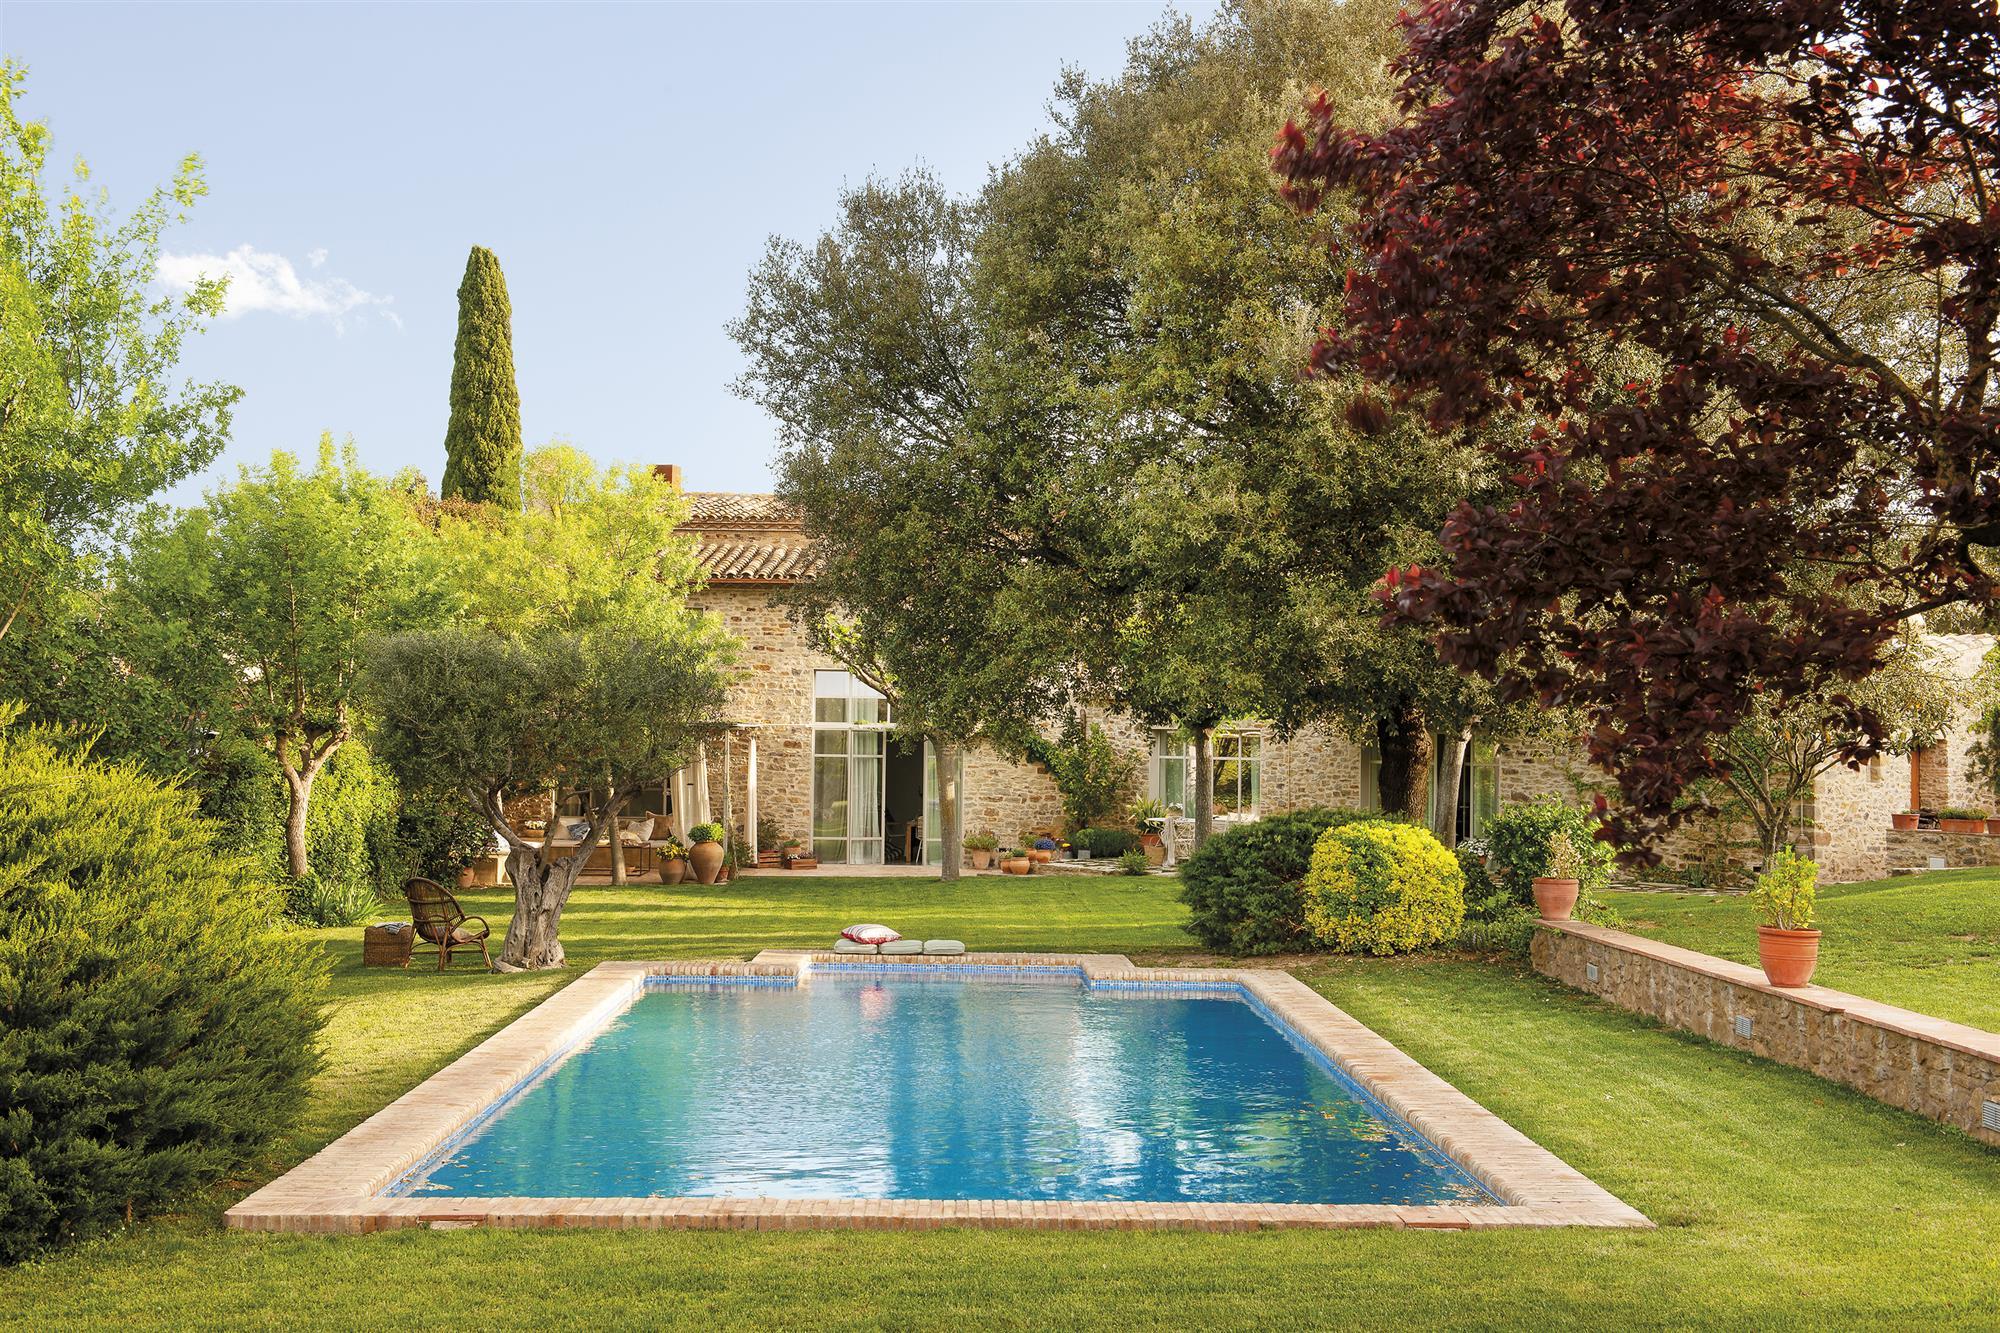 Verano perfecto en esta masia centenaria de piedra, fresquita y con árboles